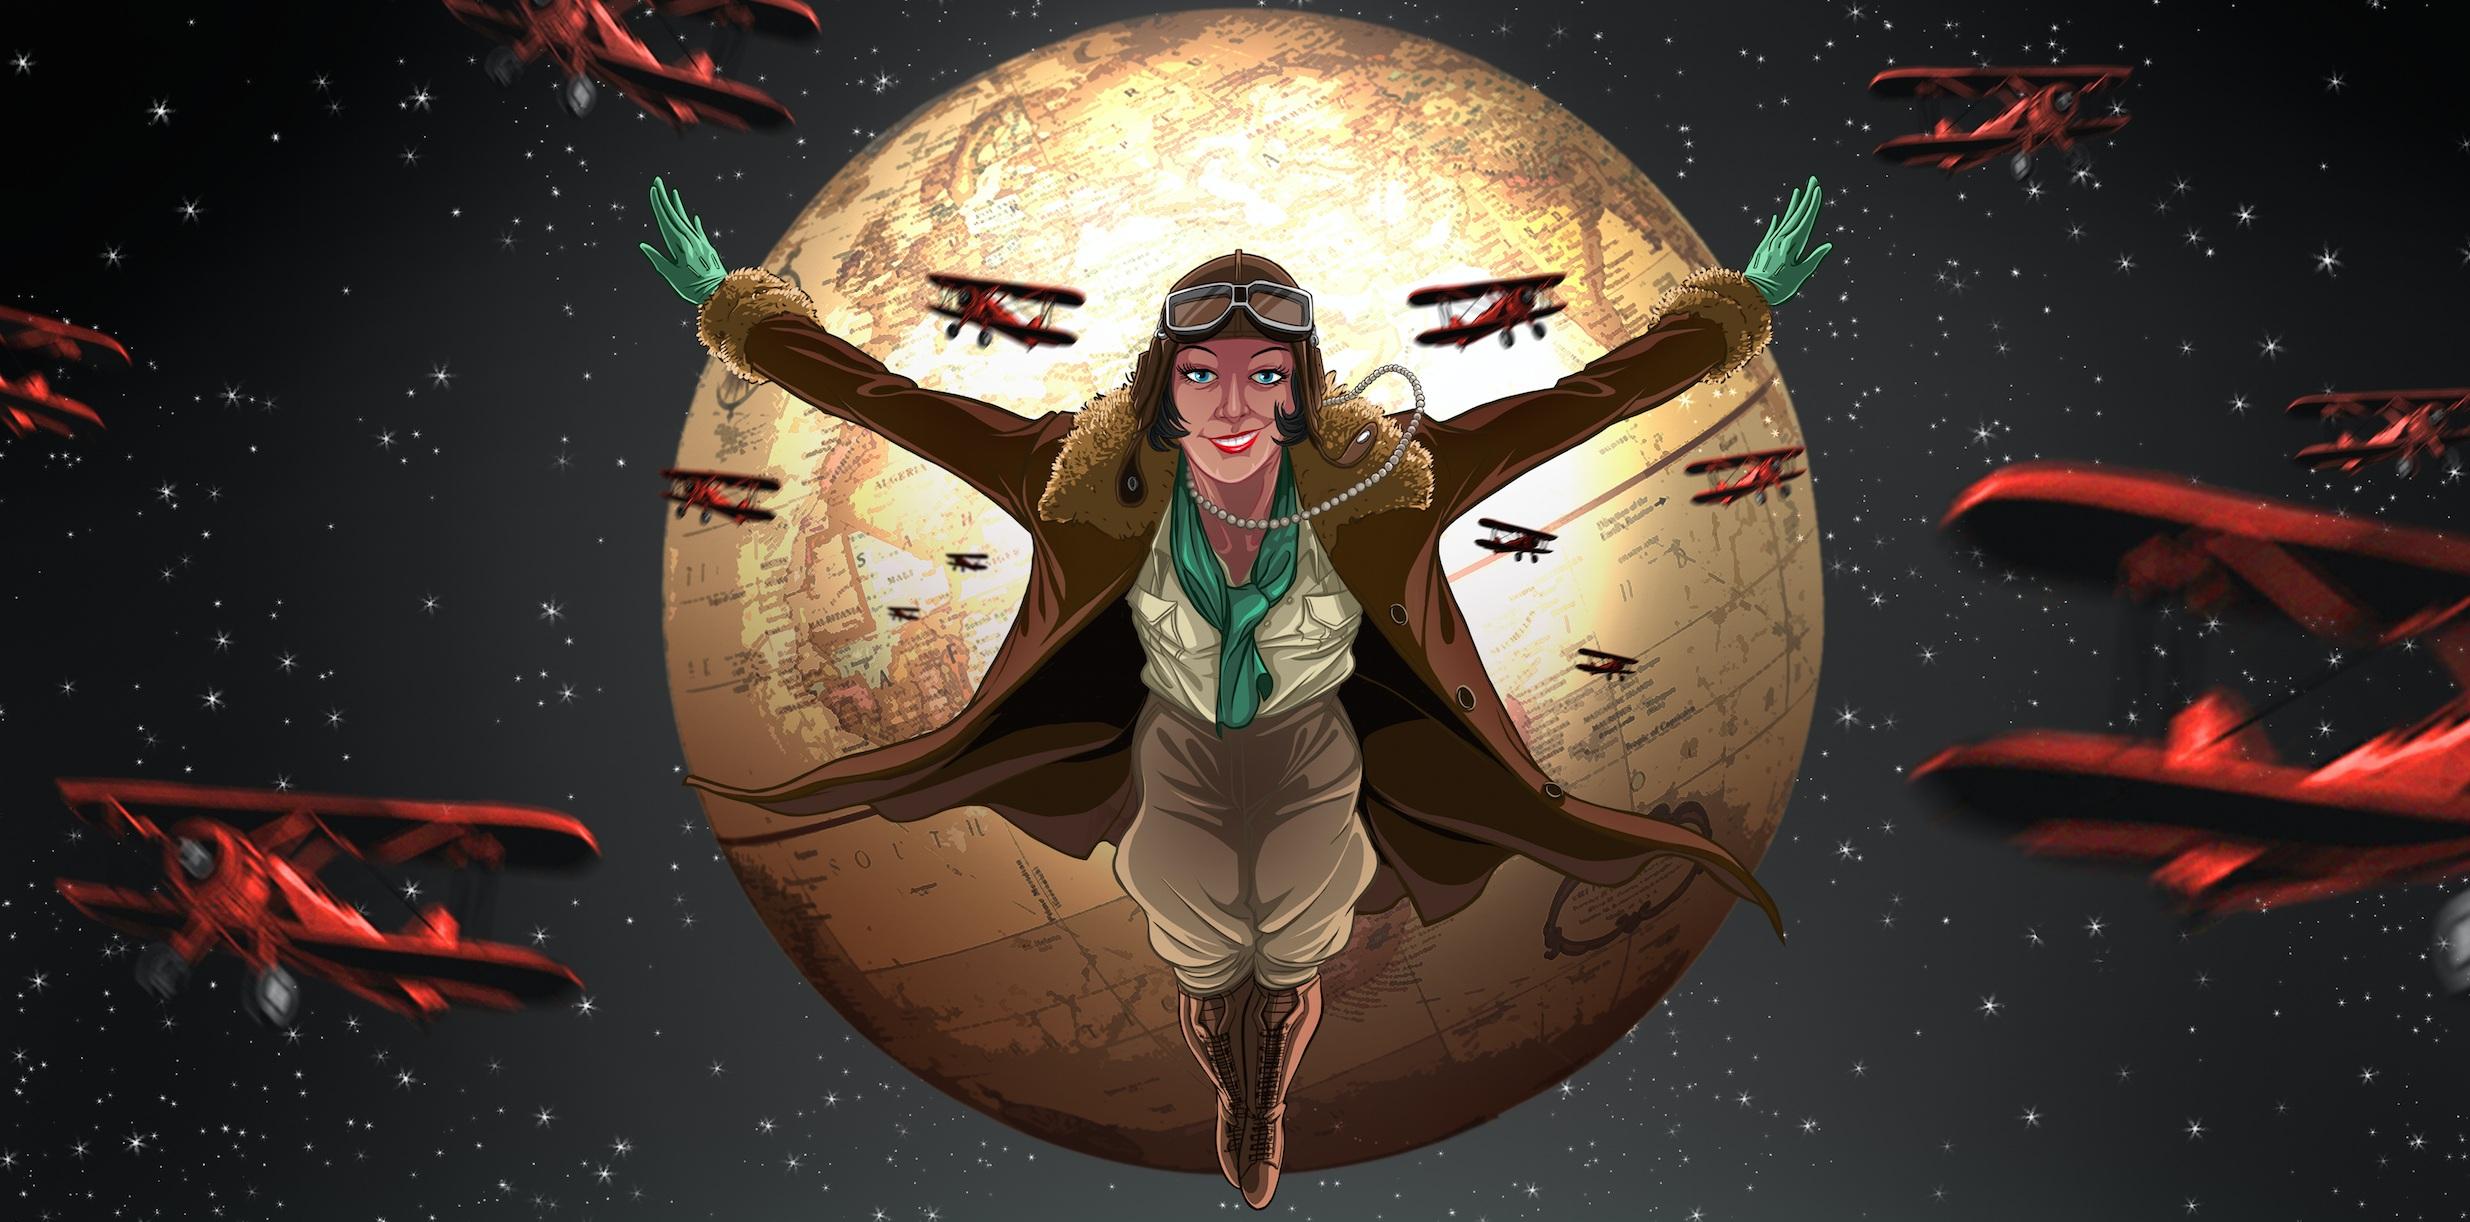 Lady Mary Heath by Séan Branigan of Storyboard Workshop